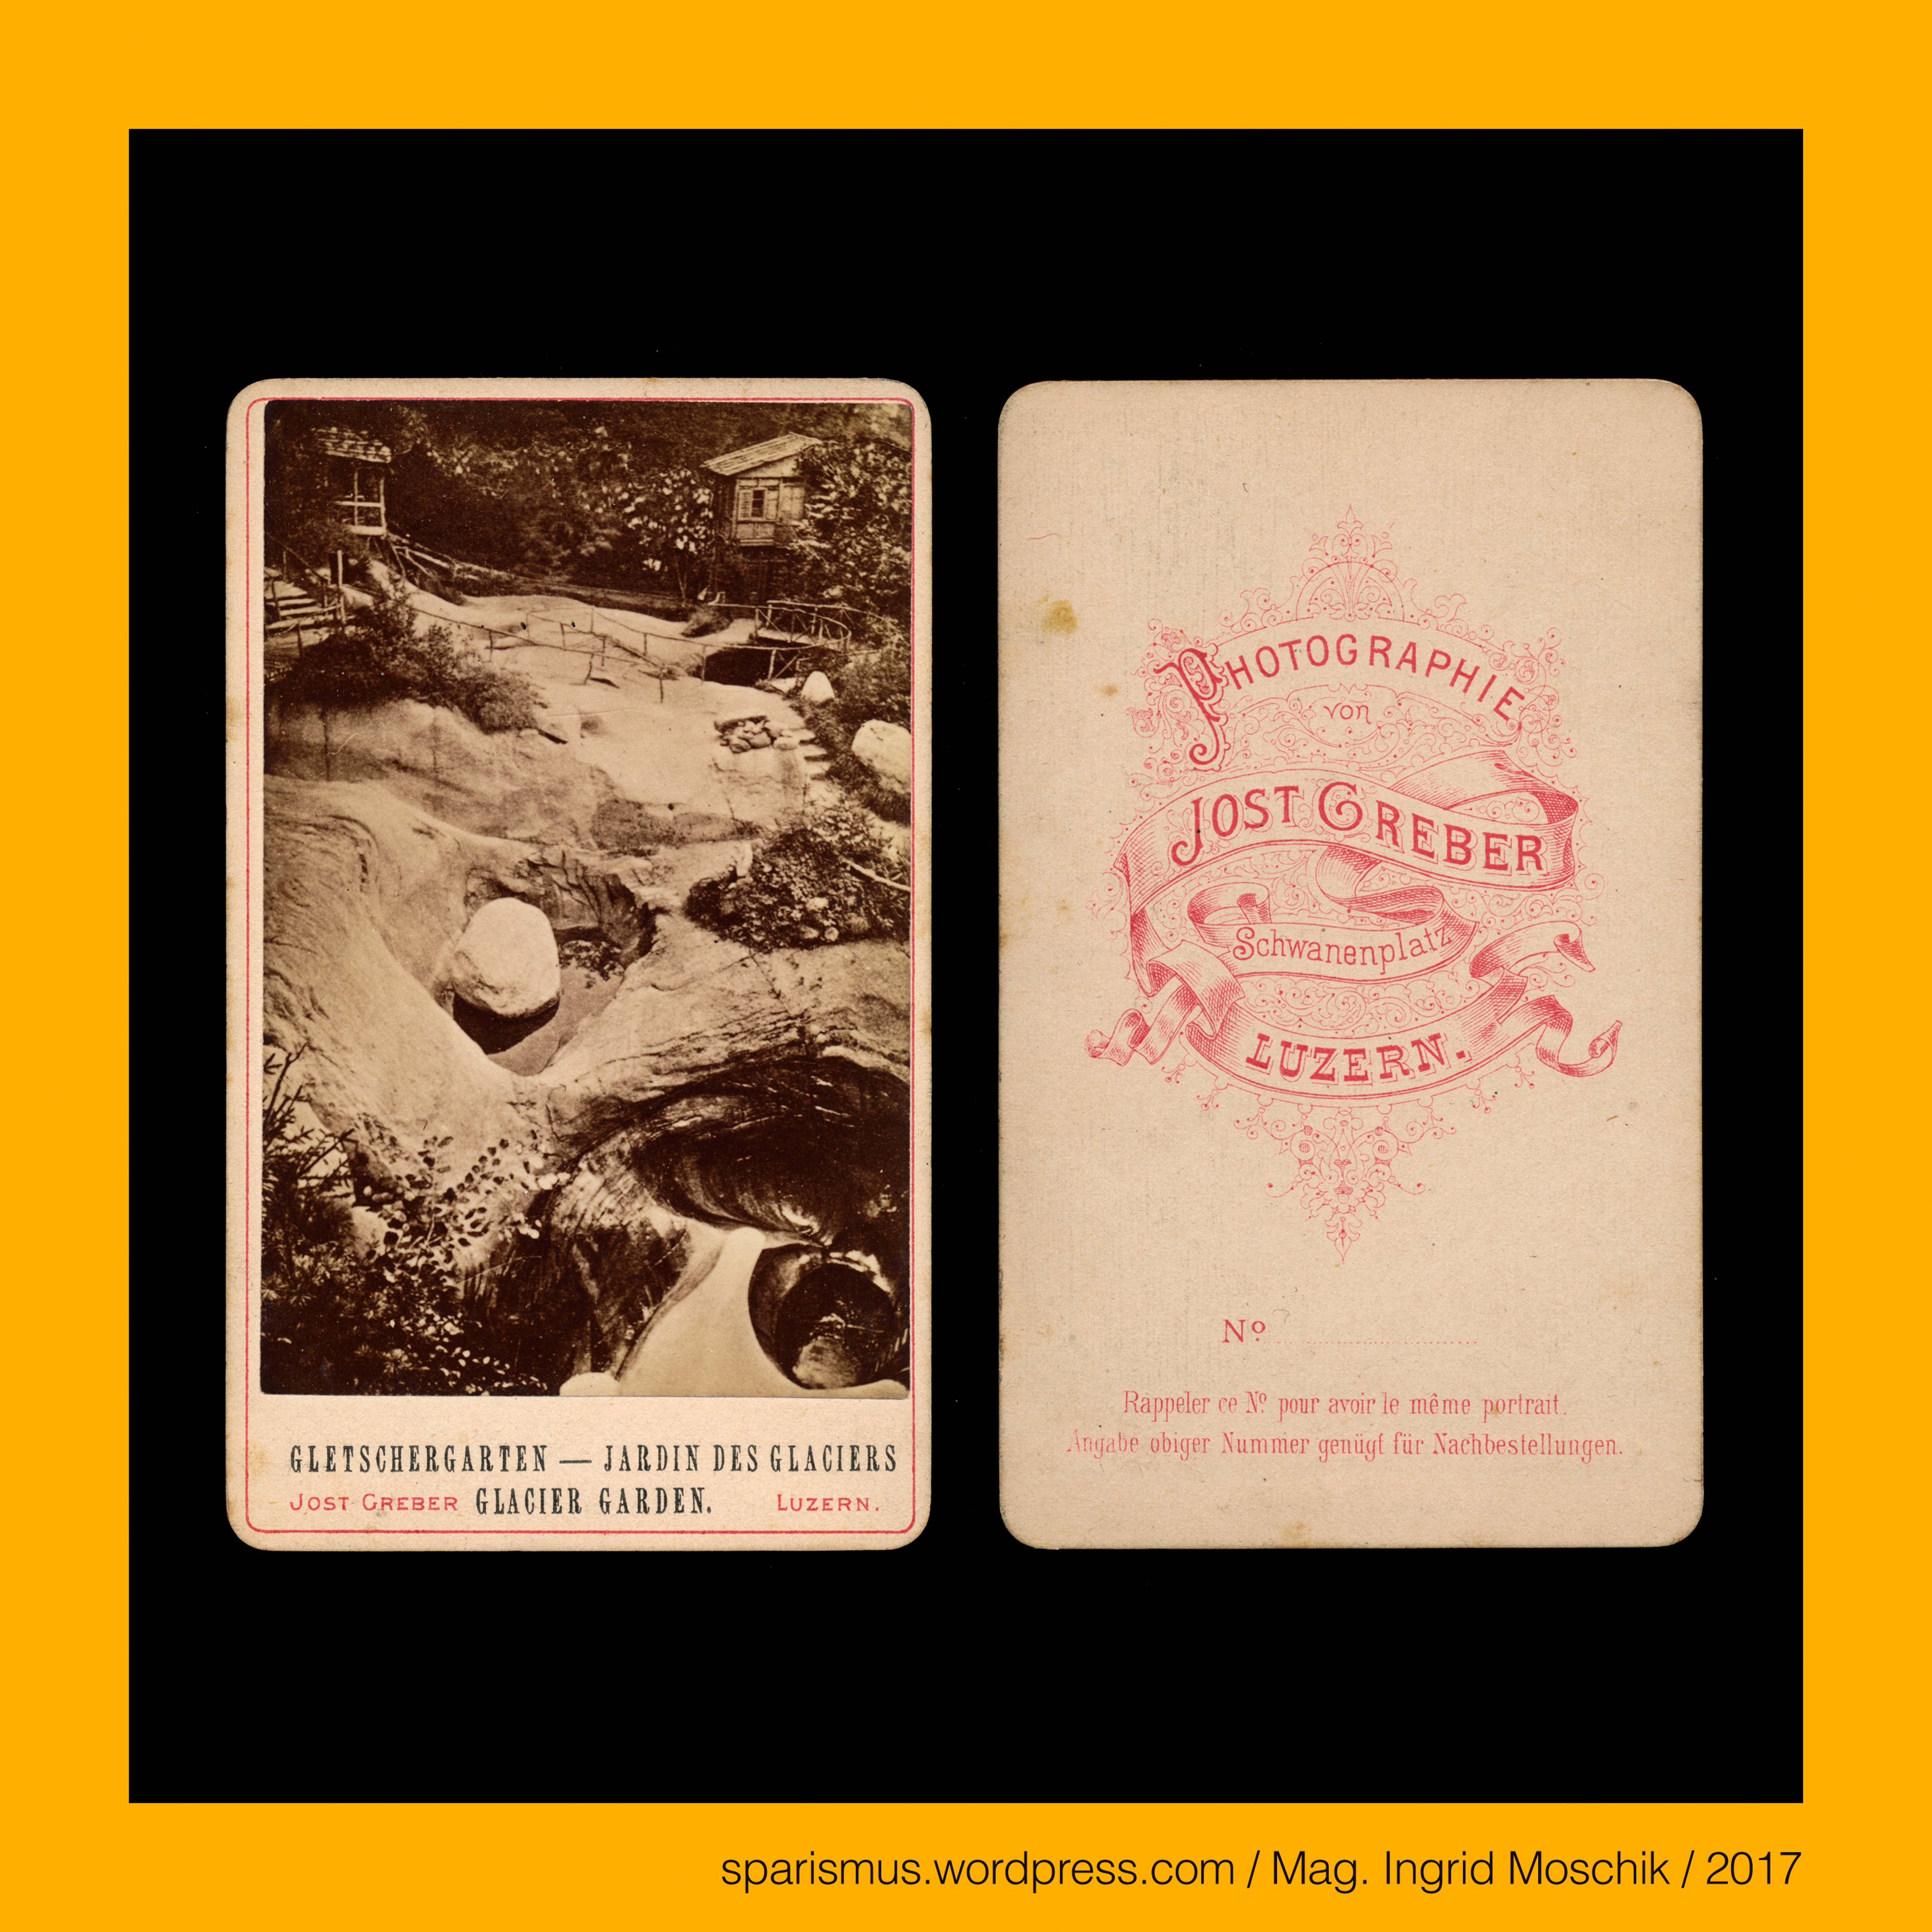 Jost #Greber in #Luzern, um 1880, #GLETSCHERGARTEN – JARDIN DES ...